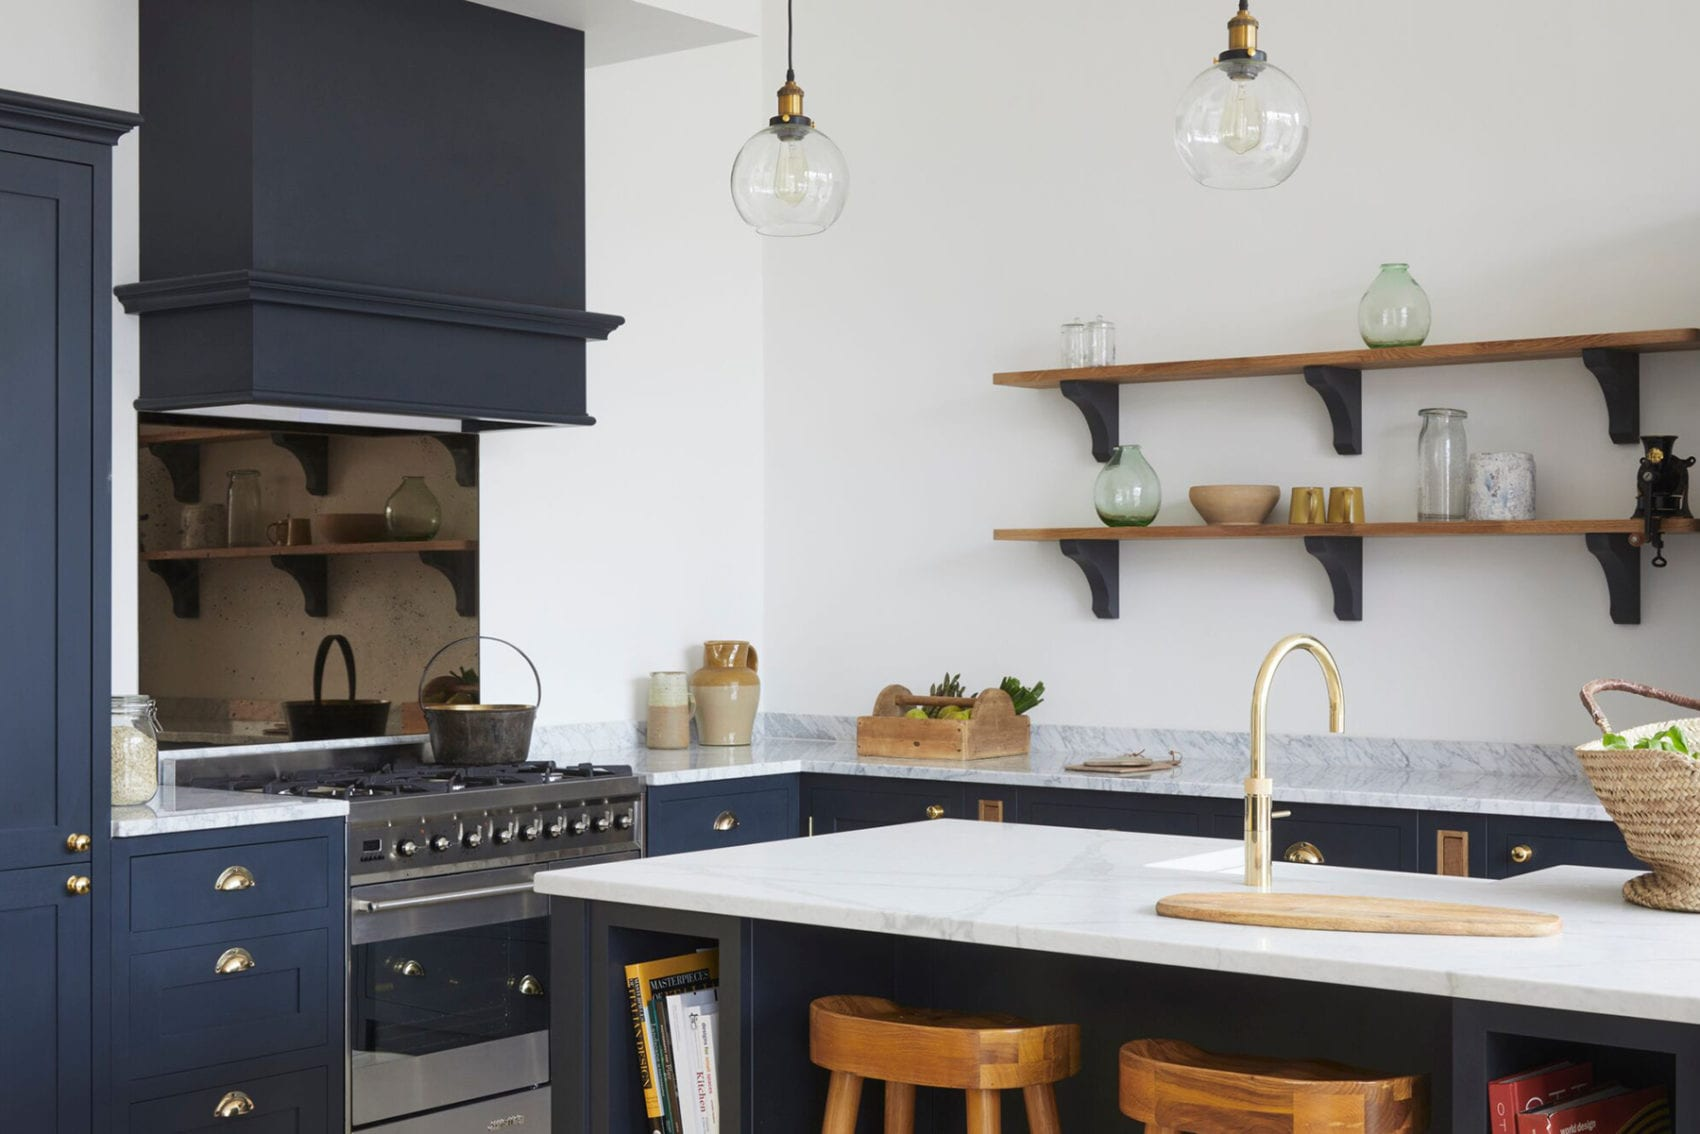 Malvern Showroom navy blue shaker kitchen with stone worktop